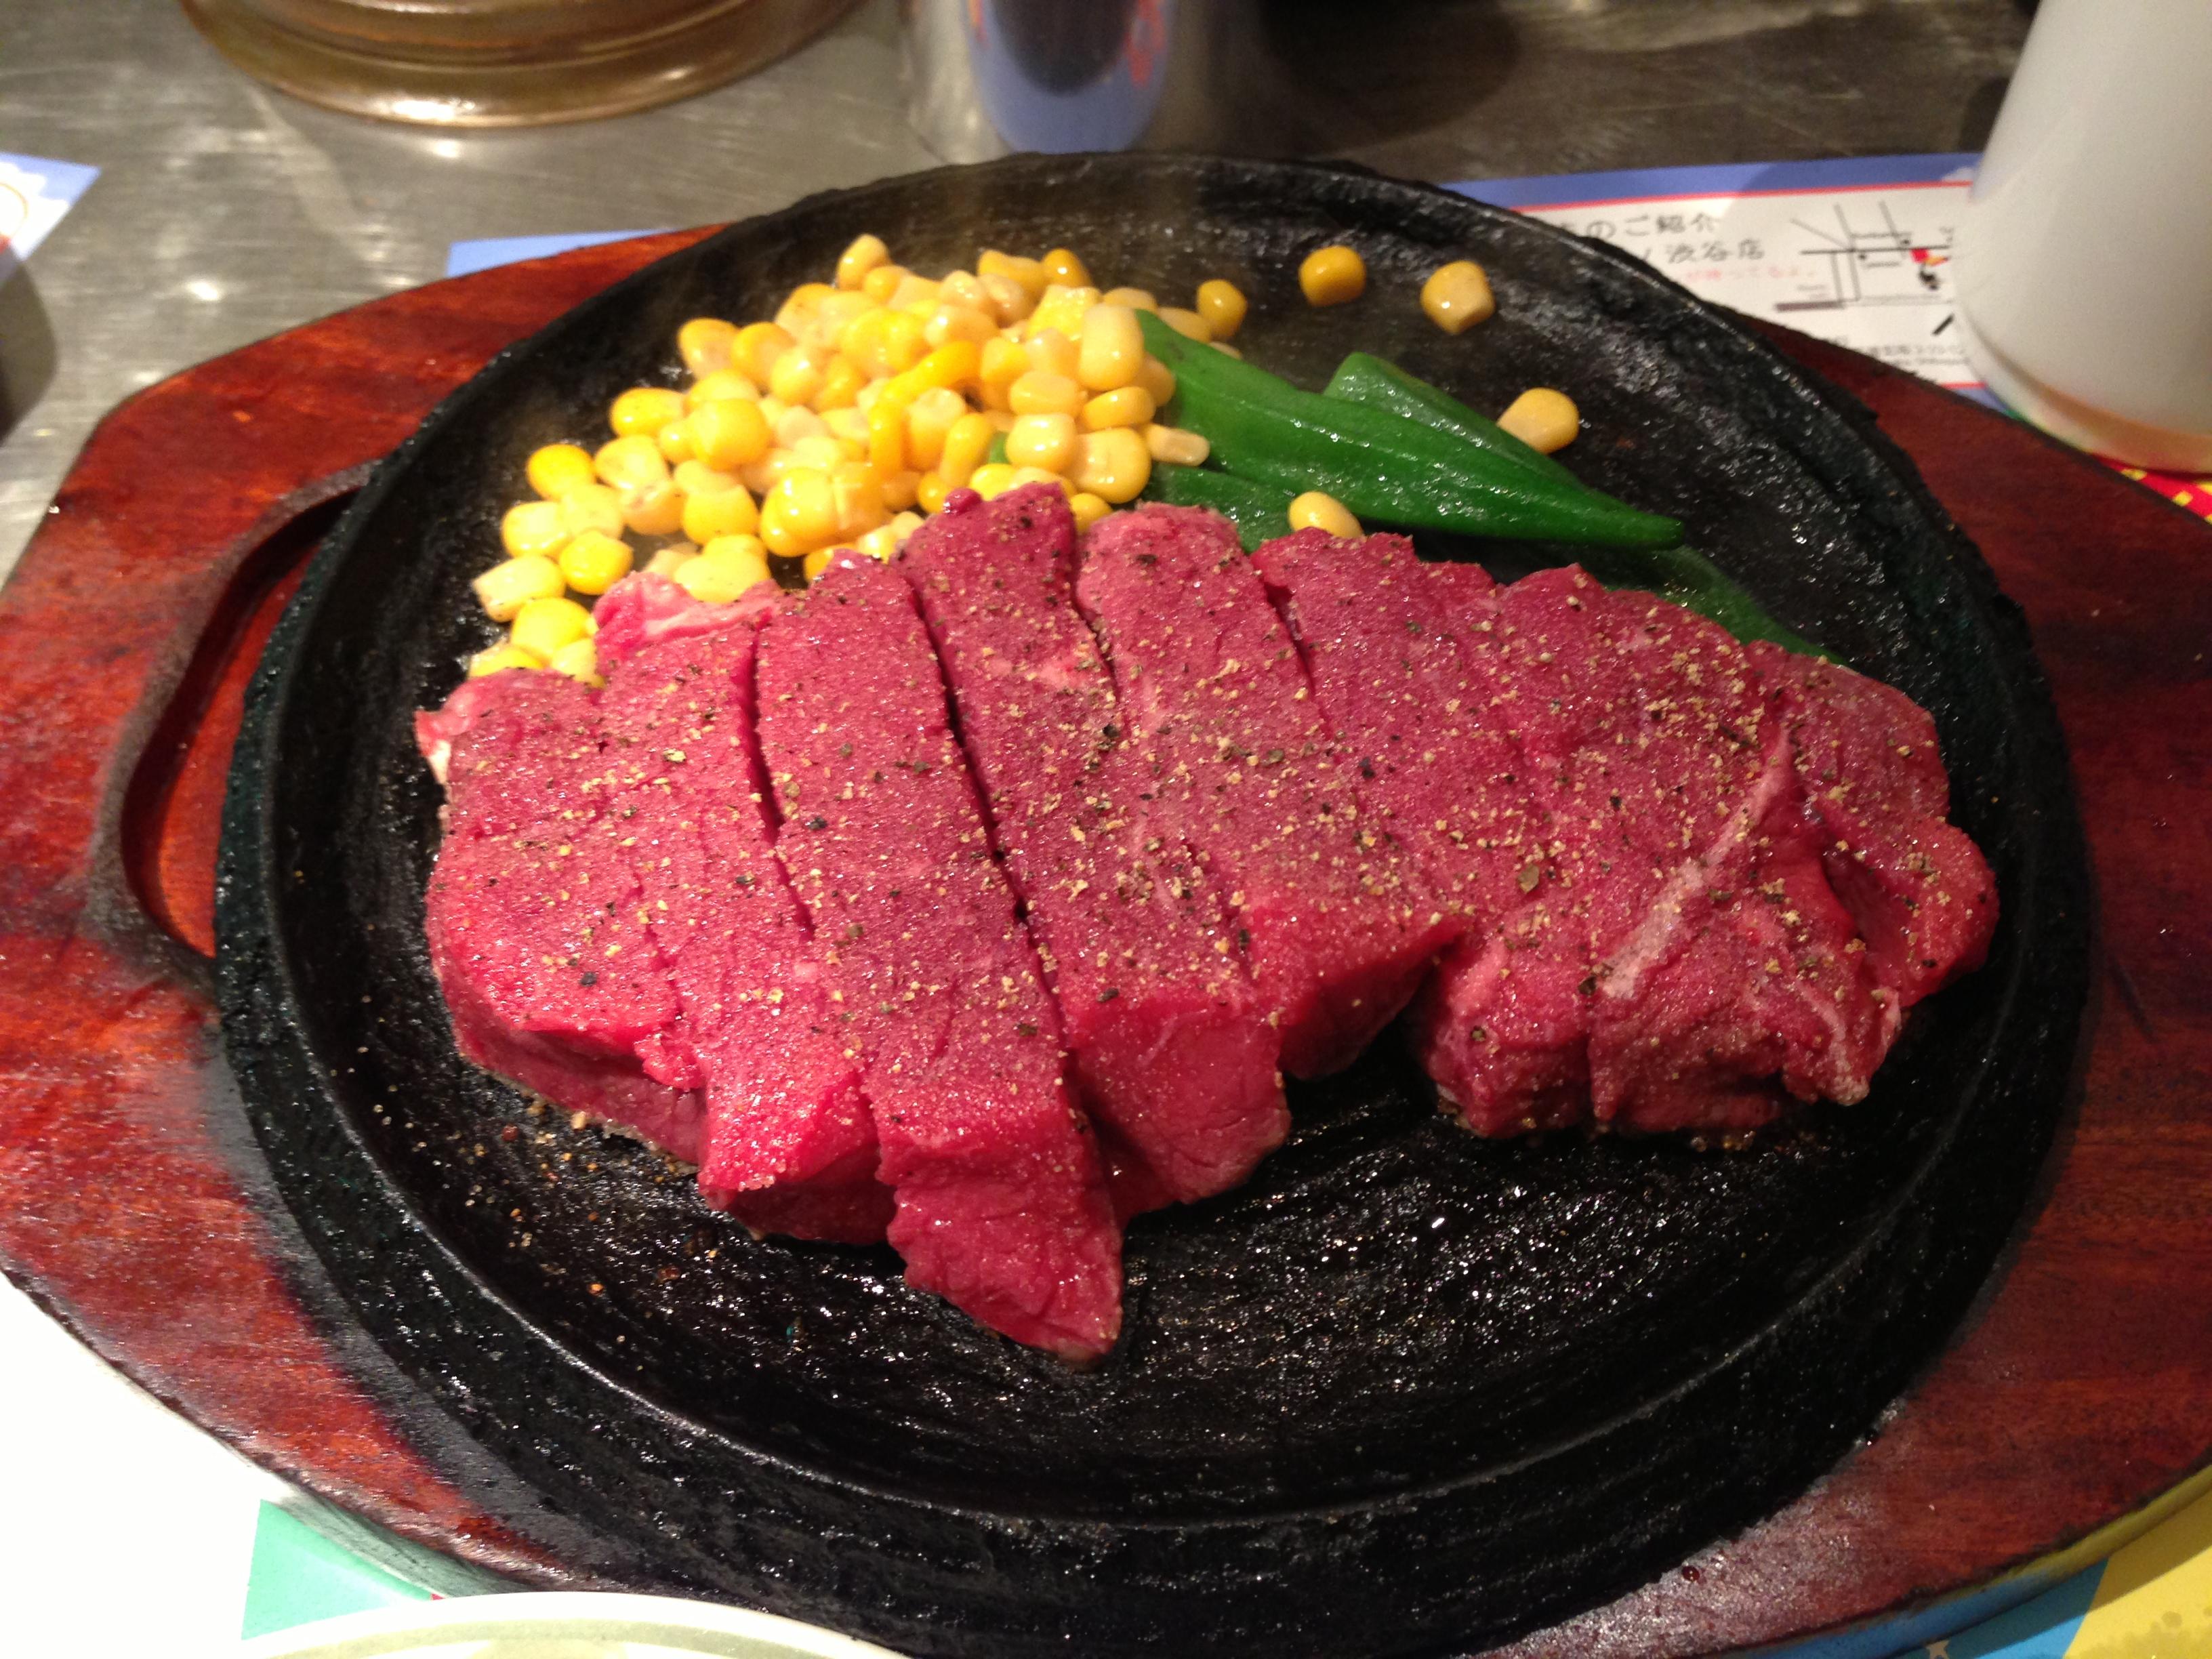 ブラジル料理屋のトゥッカーノ グリル&バーでステーキ!